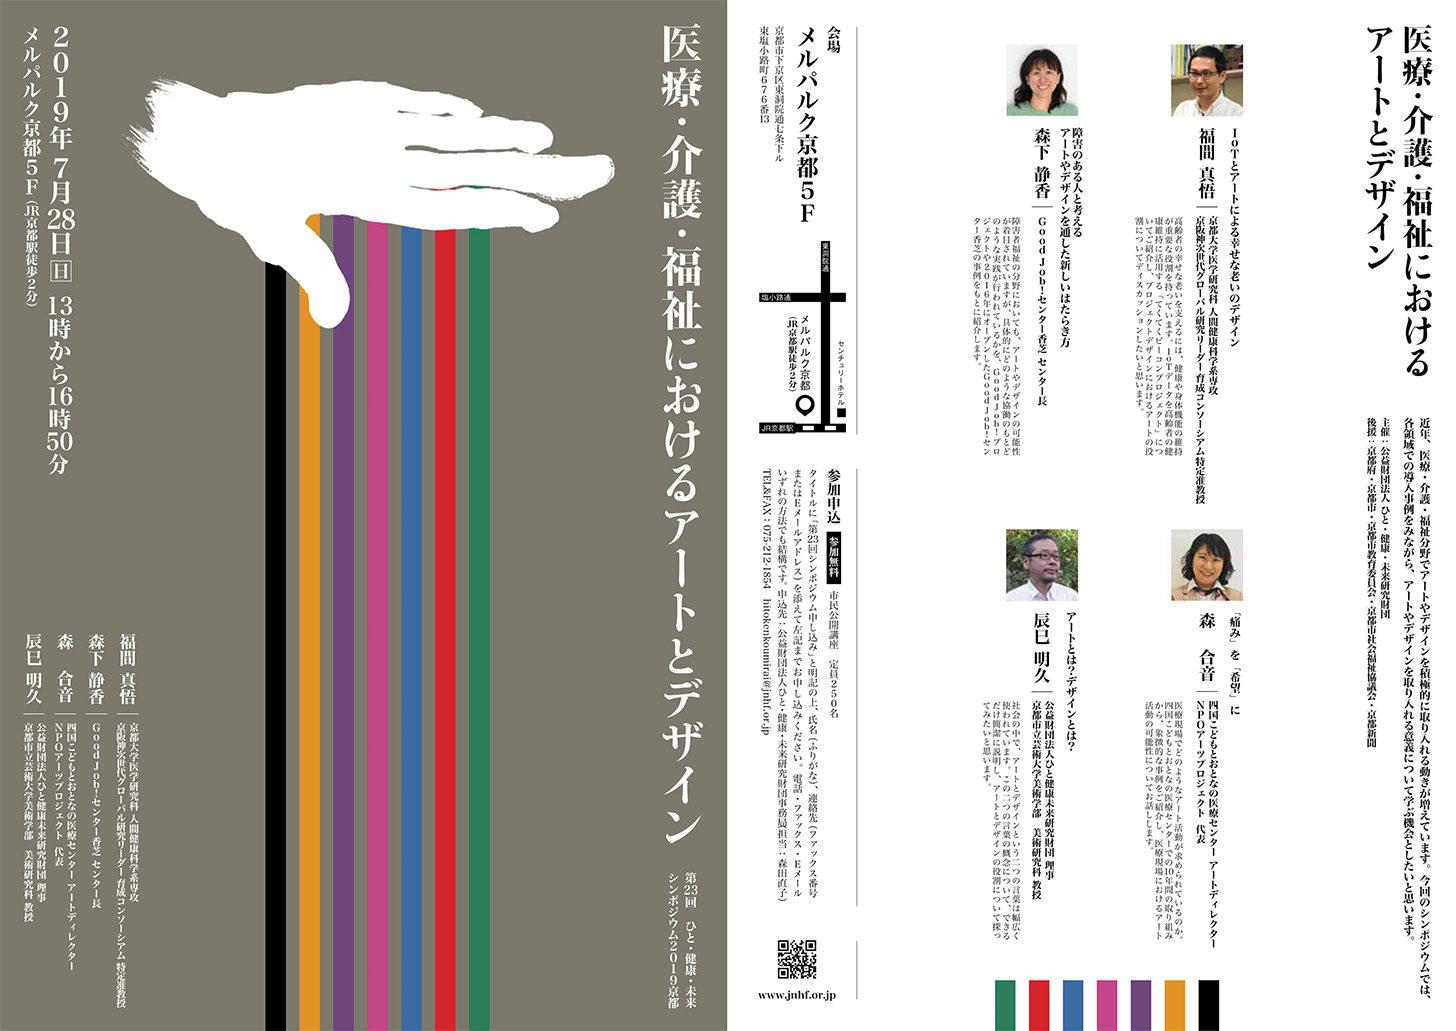 第23回 ひと・健康・未来シンポジウム2019京都「医療・介護・福祉におけるアートとデザイン」